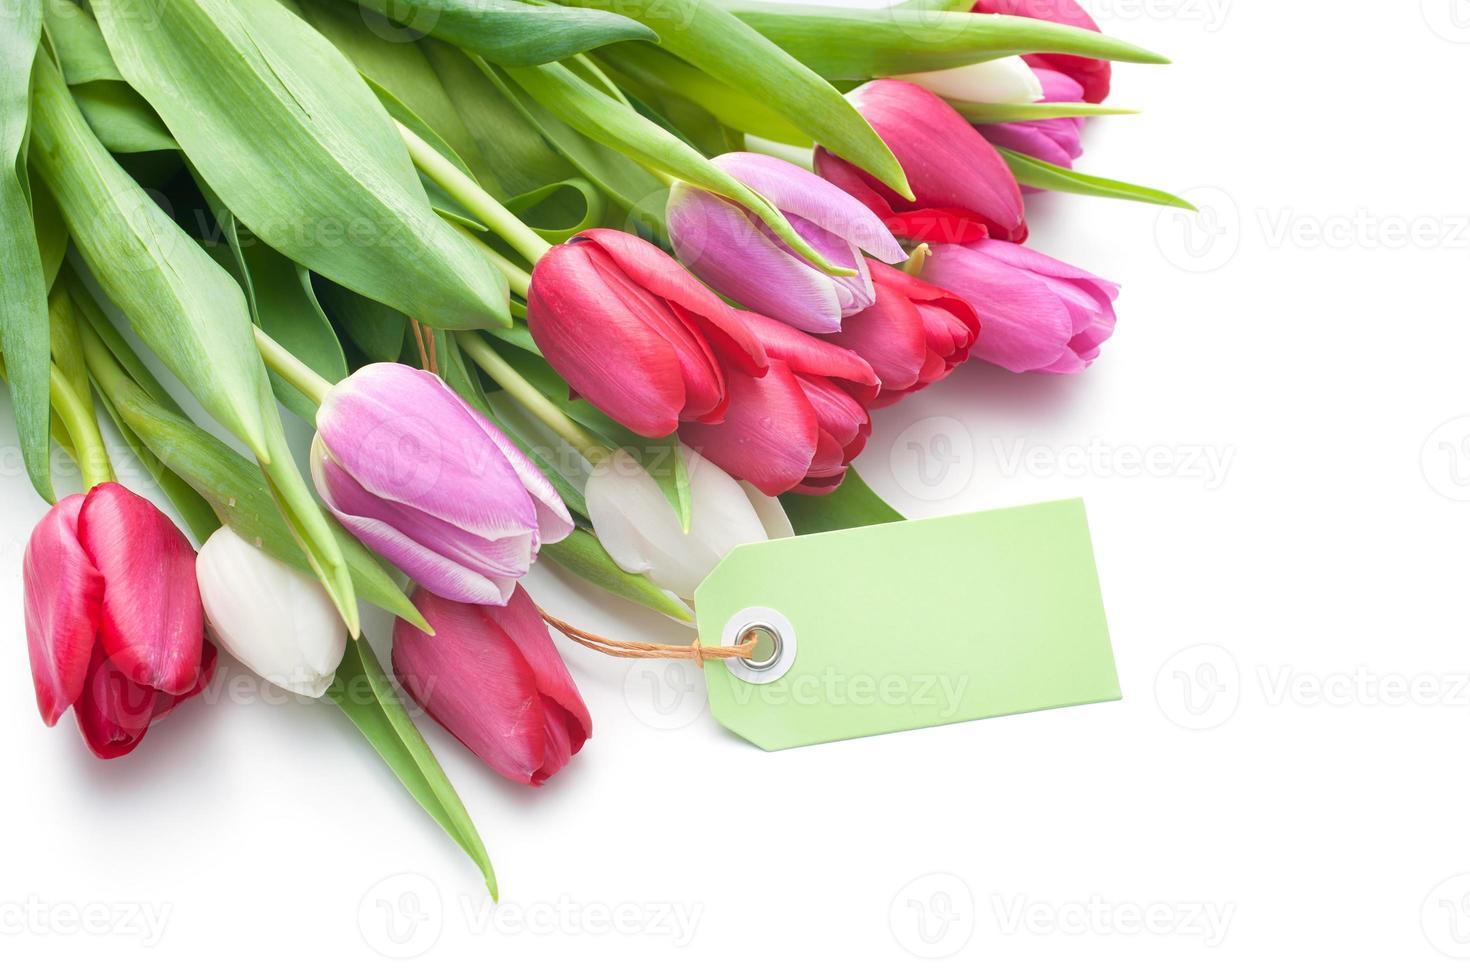 tulipas frescas e tag com espaço de cópia foto